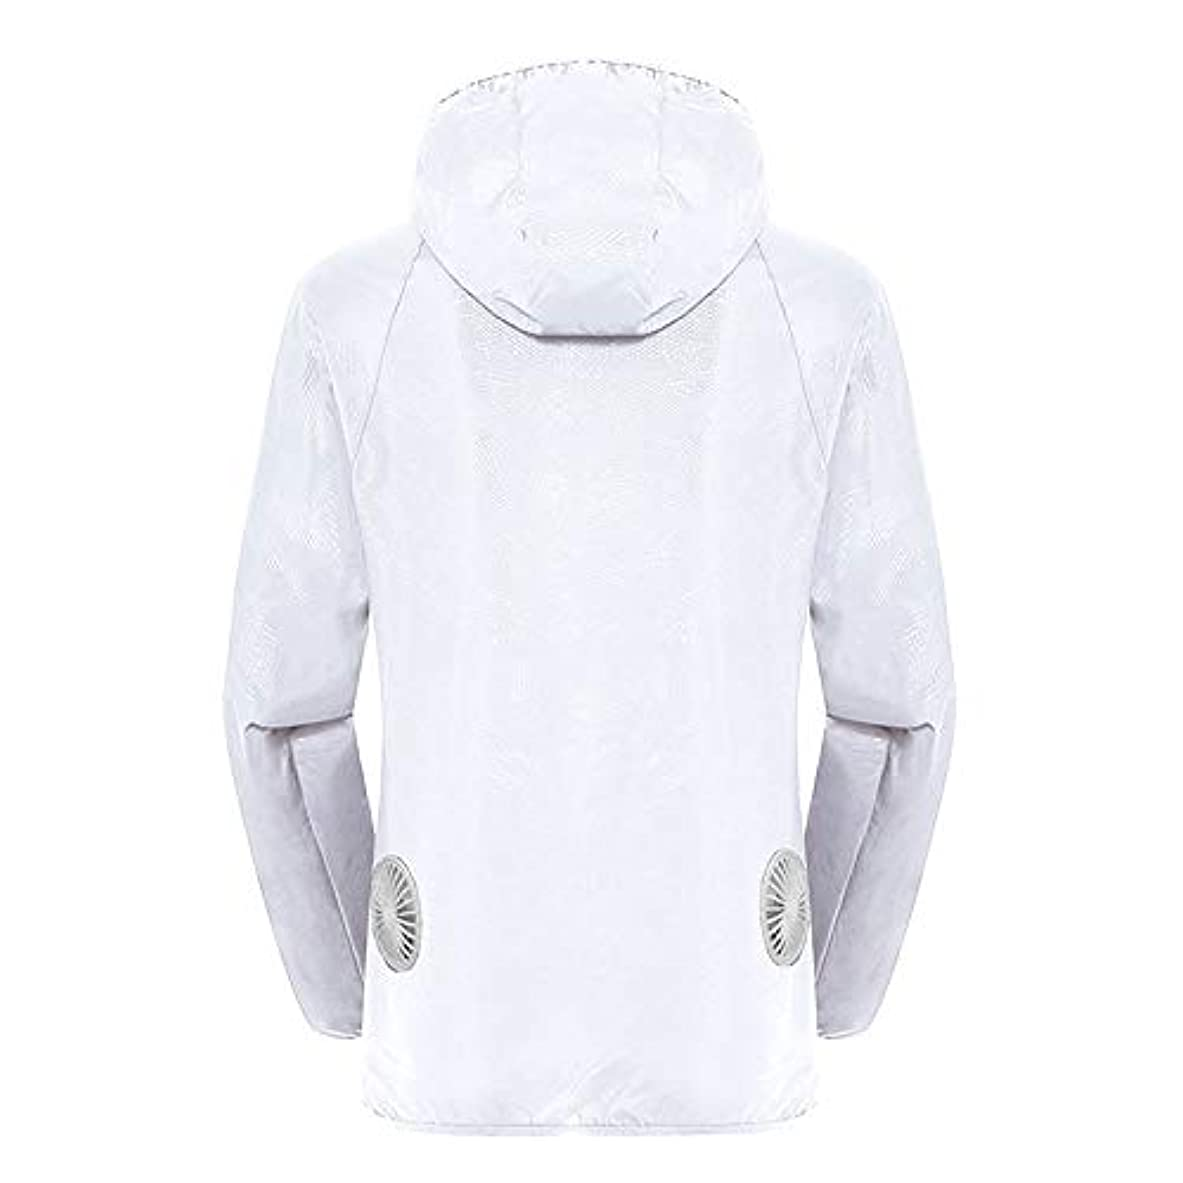 剪断ポンペイ親密な夏のスマート3速エアコンジャケット日焼け止め衣類釣りスーツ水のしぶきの衣服の飛散を防ぐ(充電宝物を含む),White,XXL